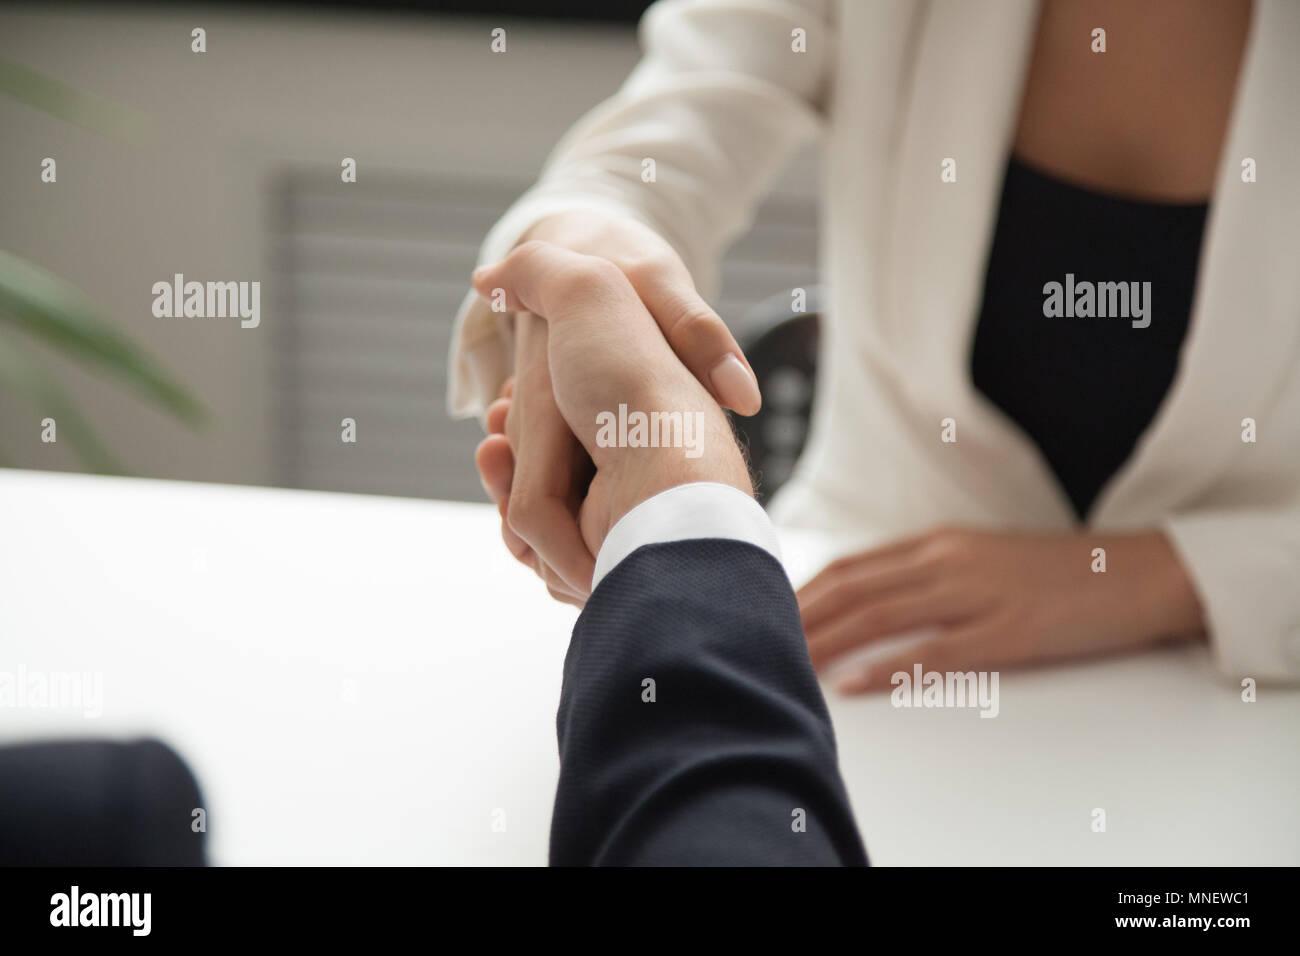 Saludo trabajadora business partner con handshake Imagen De Stock